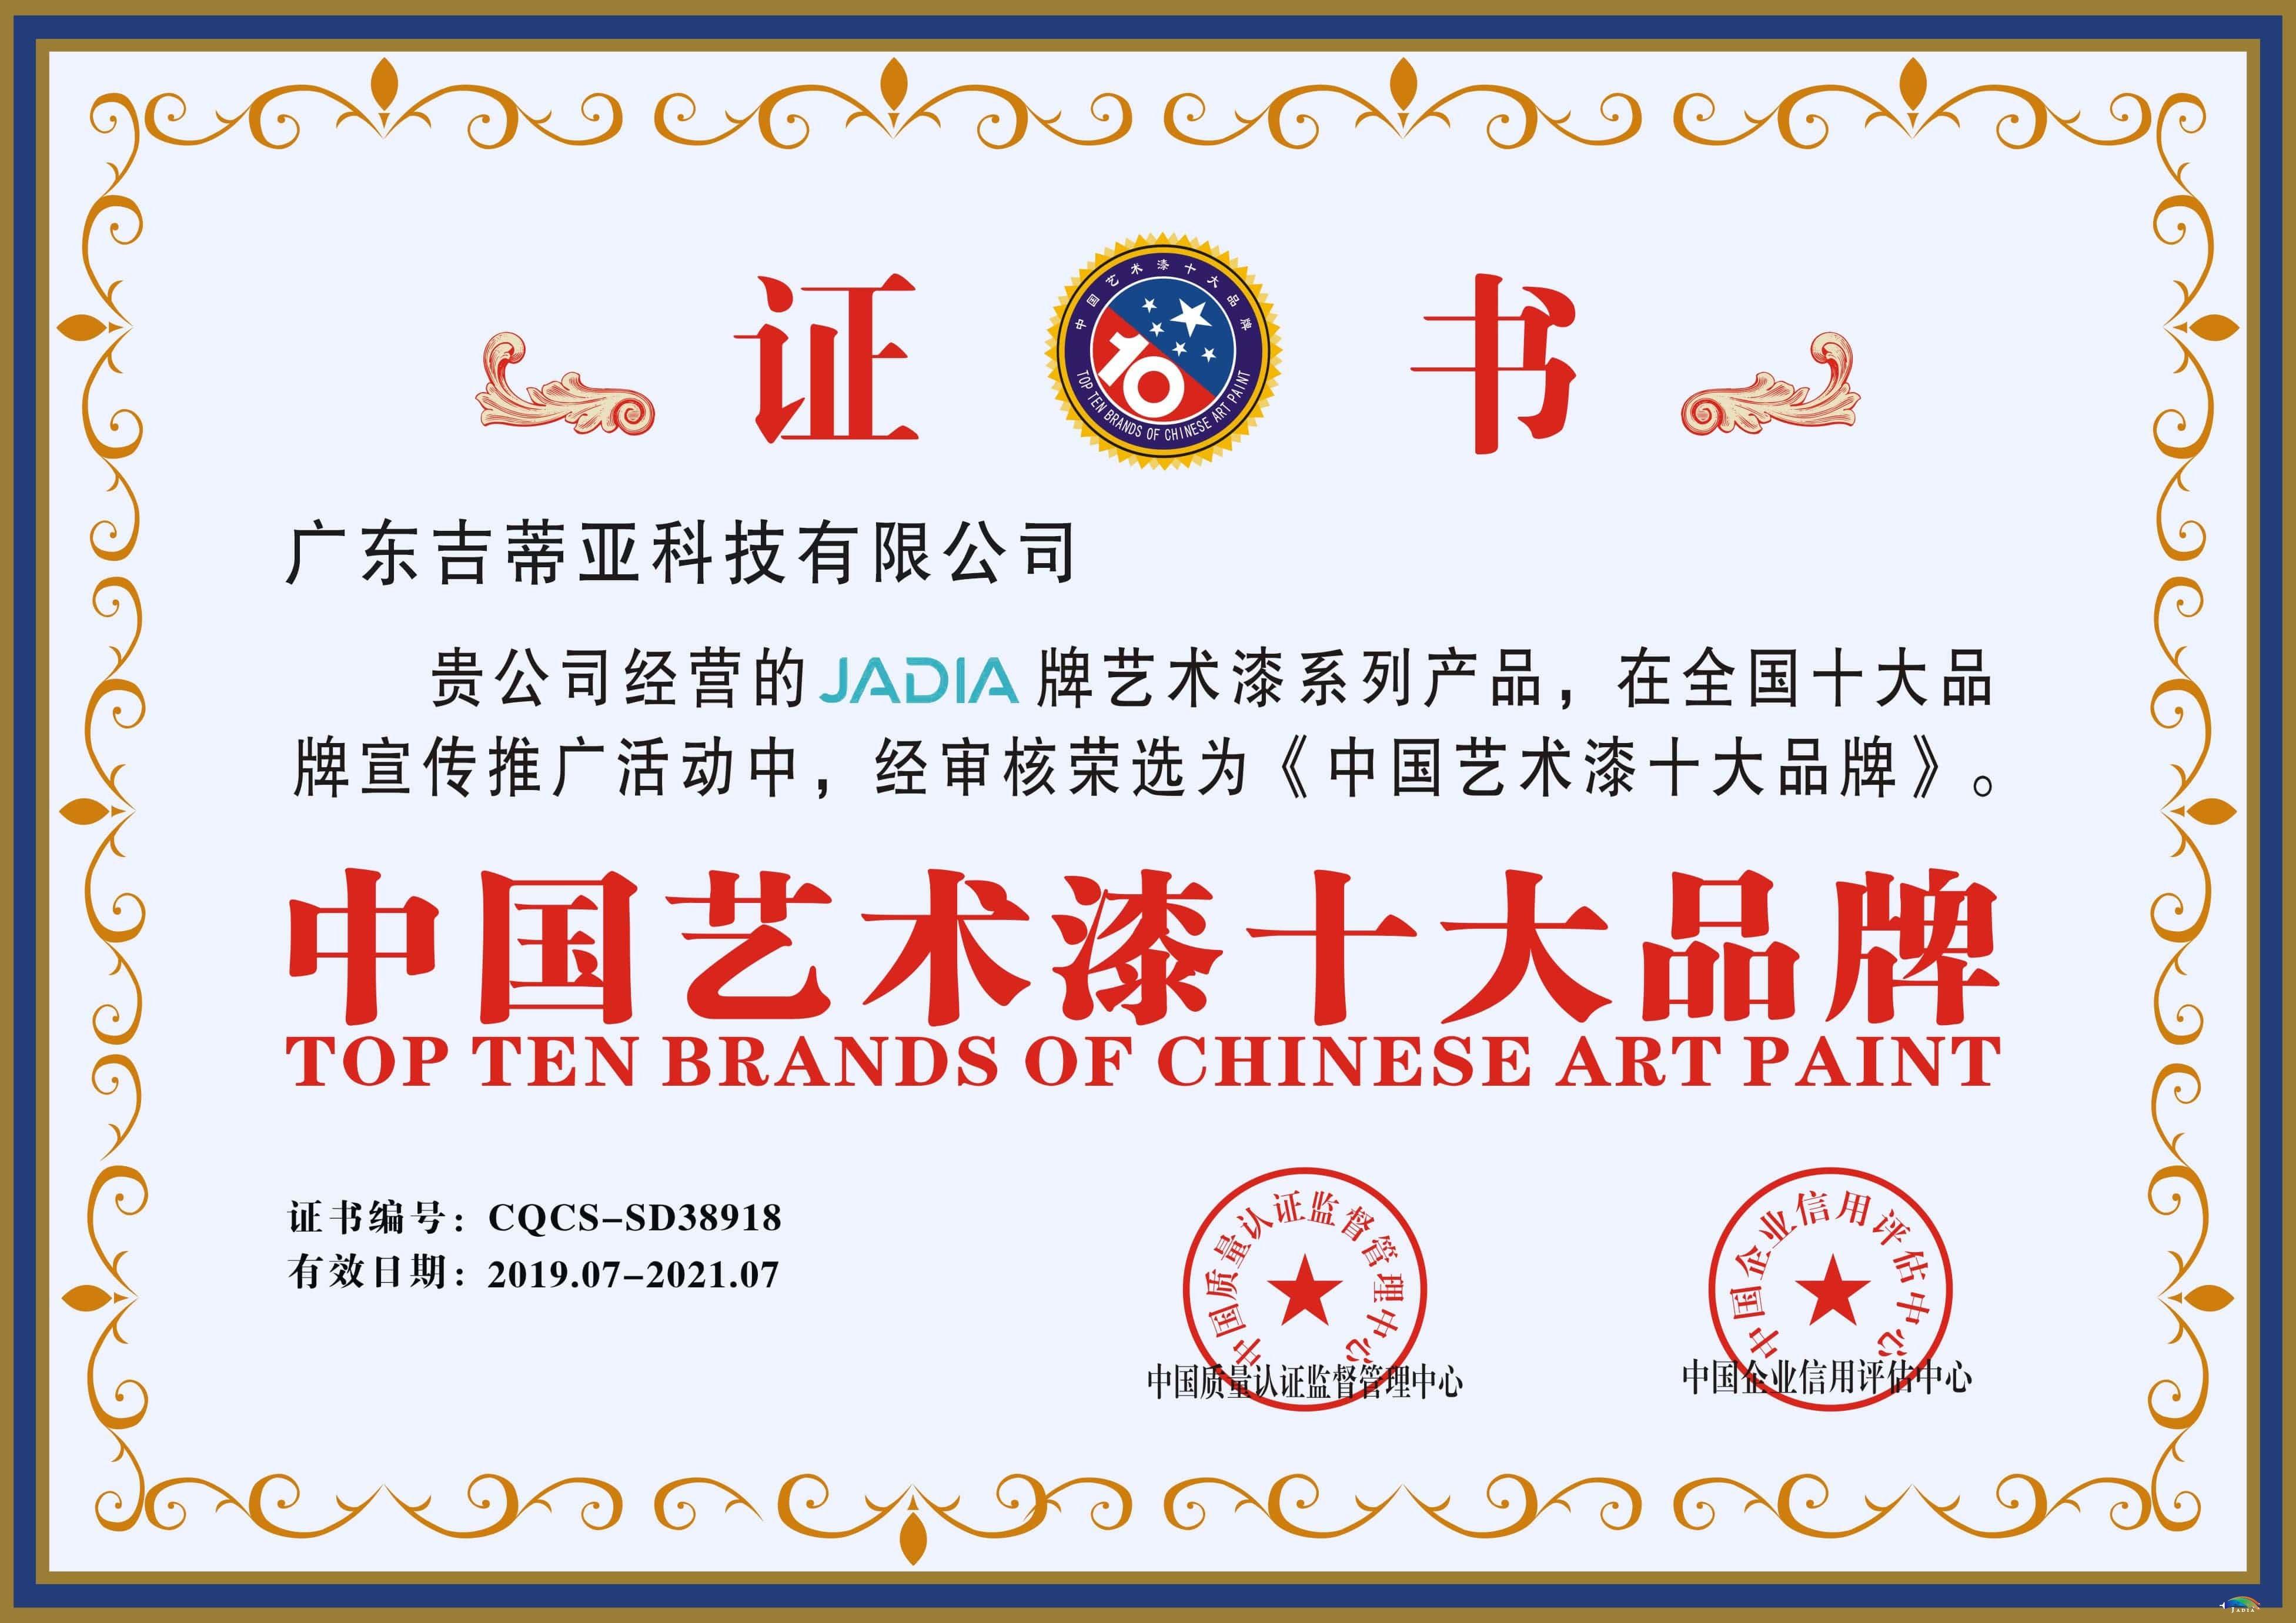 中国艺术漆十大品牌